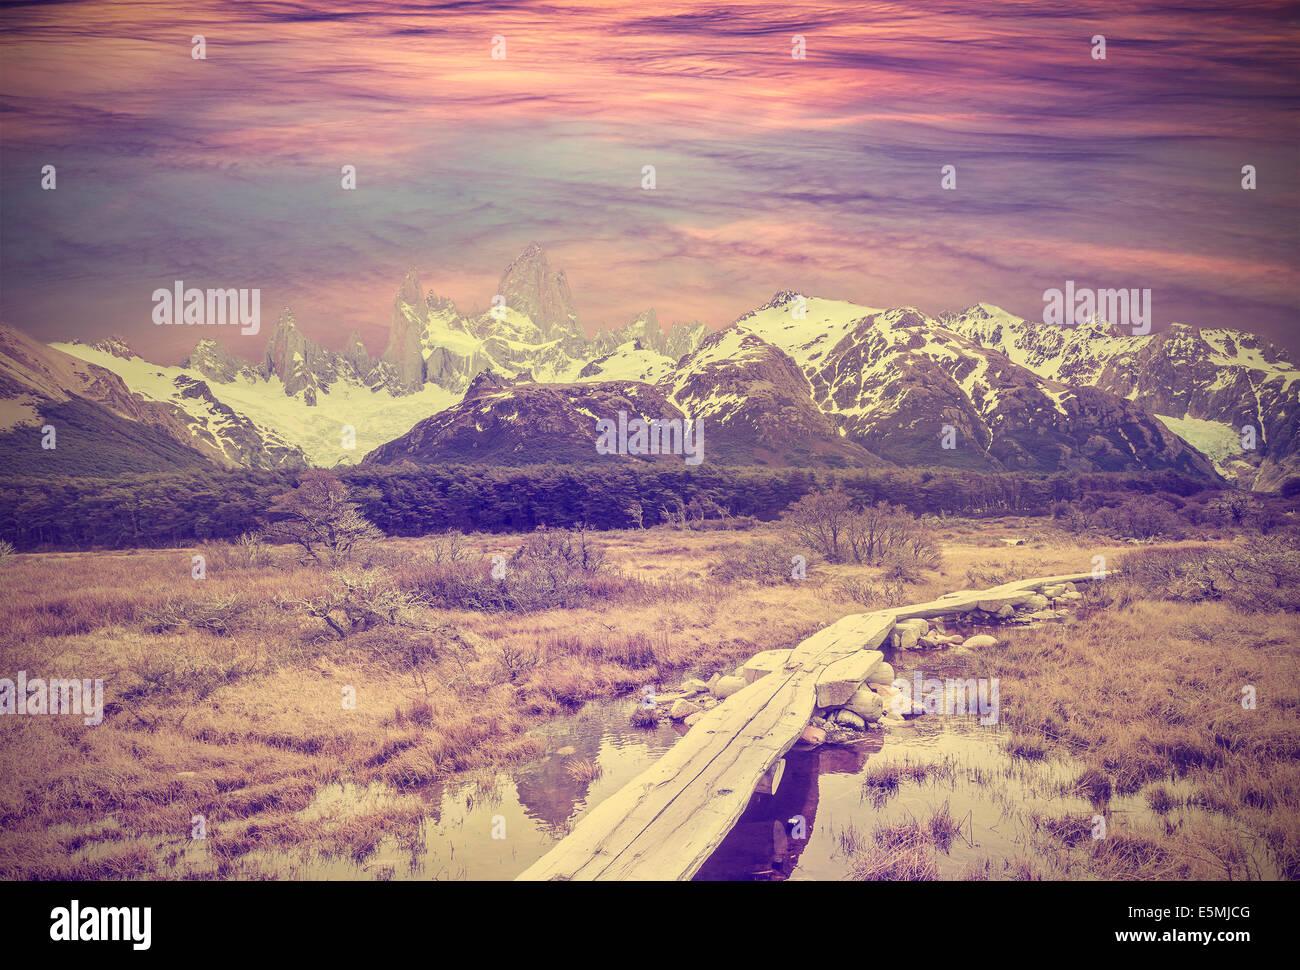 Imagen vintage de la Cordillera de Los Andes, cordillera de Fitz Roy, Argentina Foto de stock